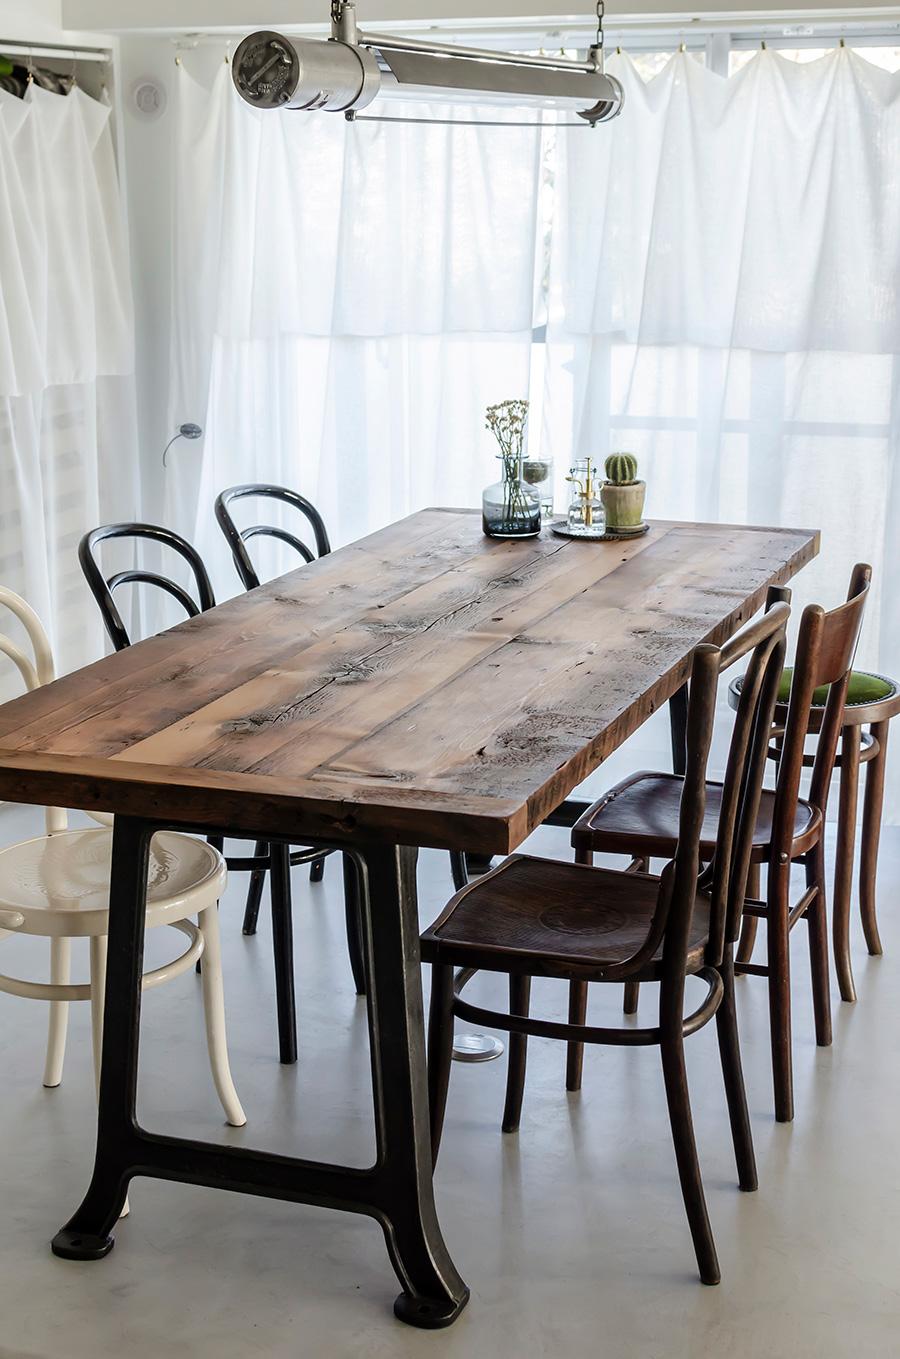 テーブルはウッドワークミルショップ「ロガー」で造作。